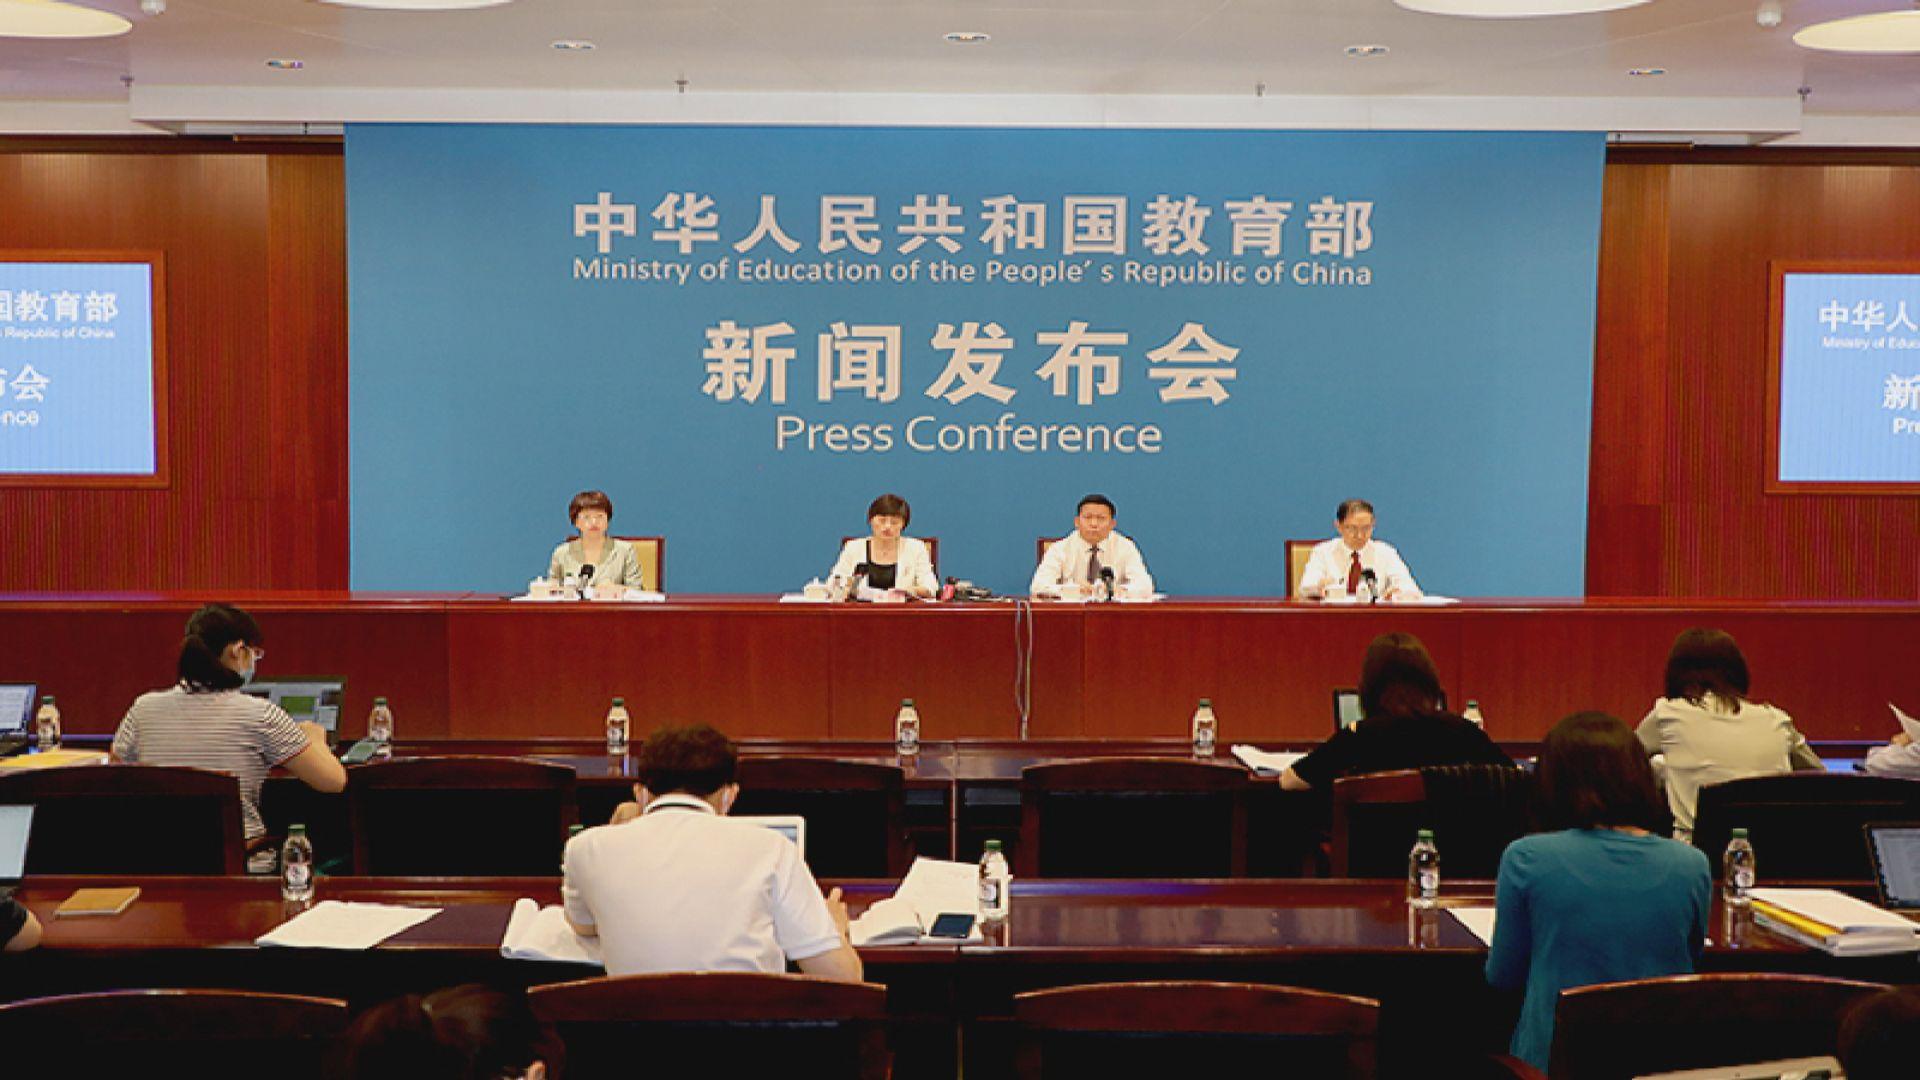 北京建議香港將普通話融入考評 教局:正加強交流計劃